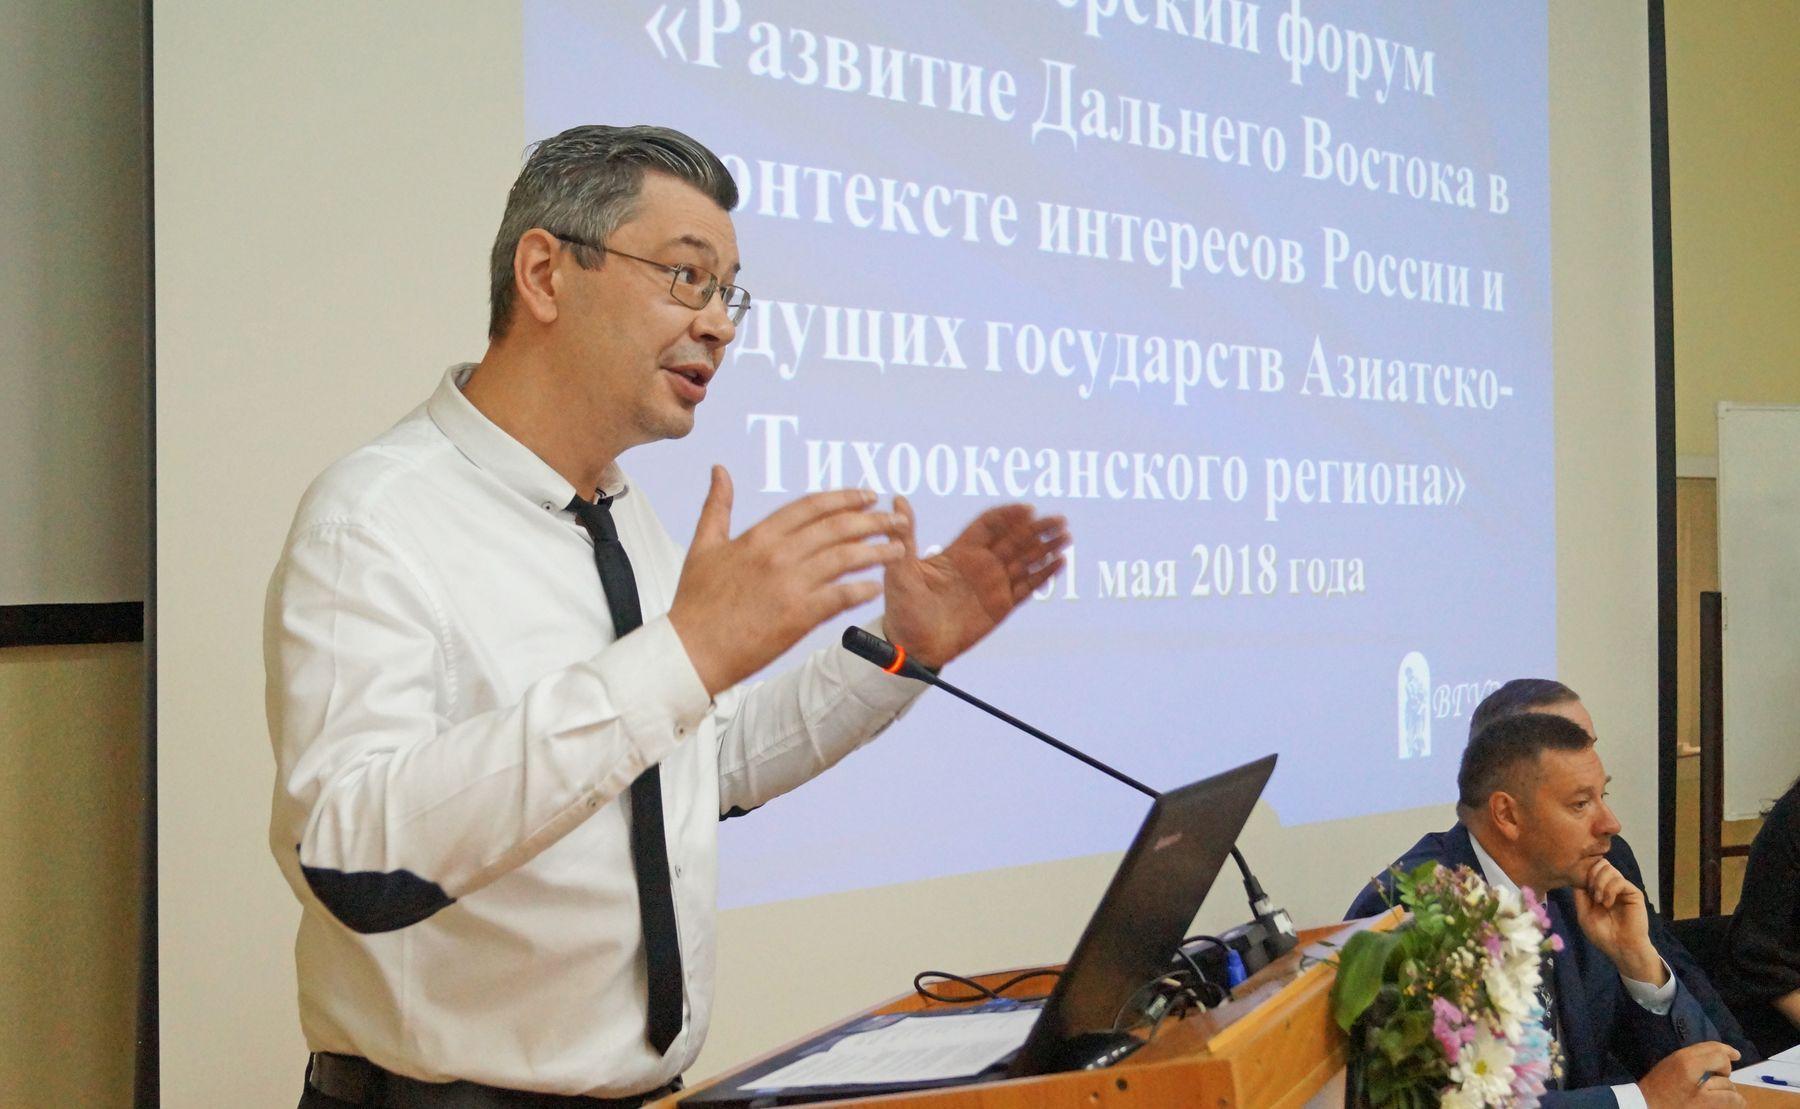 Из первых уст. Алексей Мамычев — об актуальном направлении подготовки «Международные отношения»